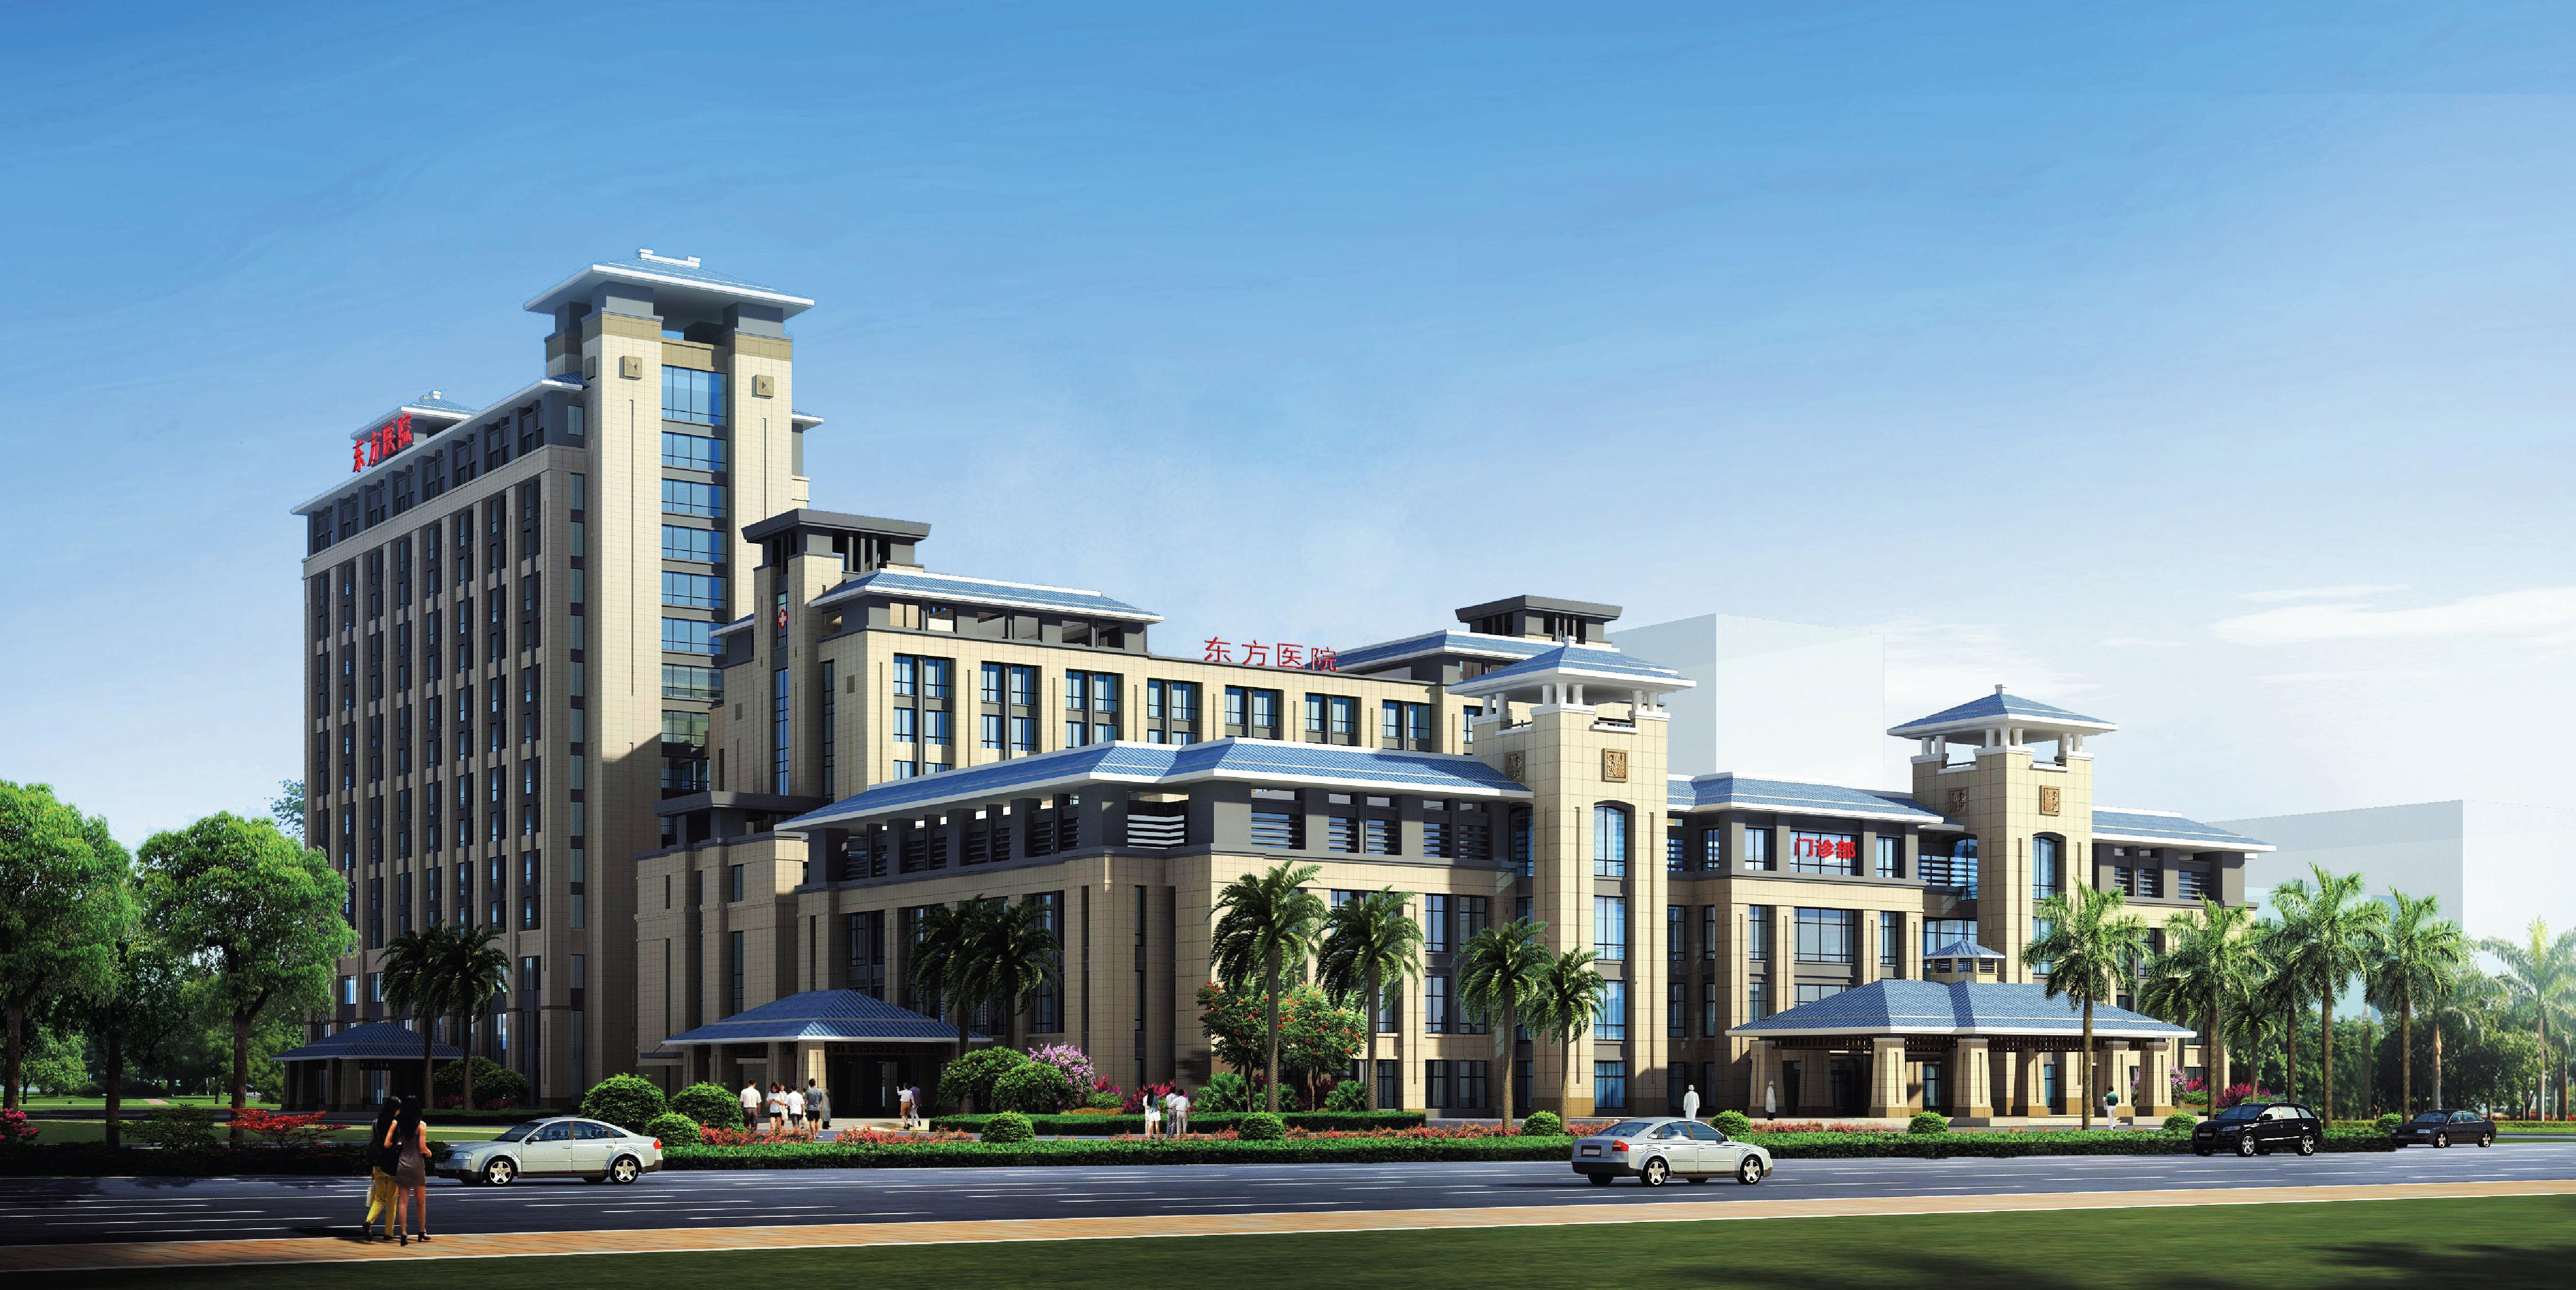 美高梅平台开户承建的东方医院创建三甲医院项目 -美高梅平台开户_美高梅美狮网址.jpg